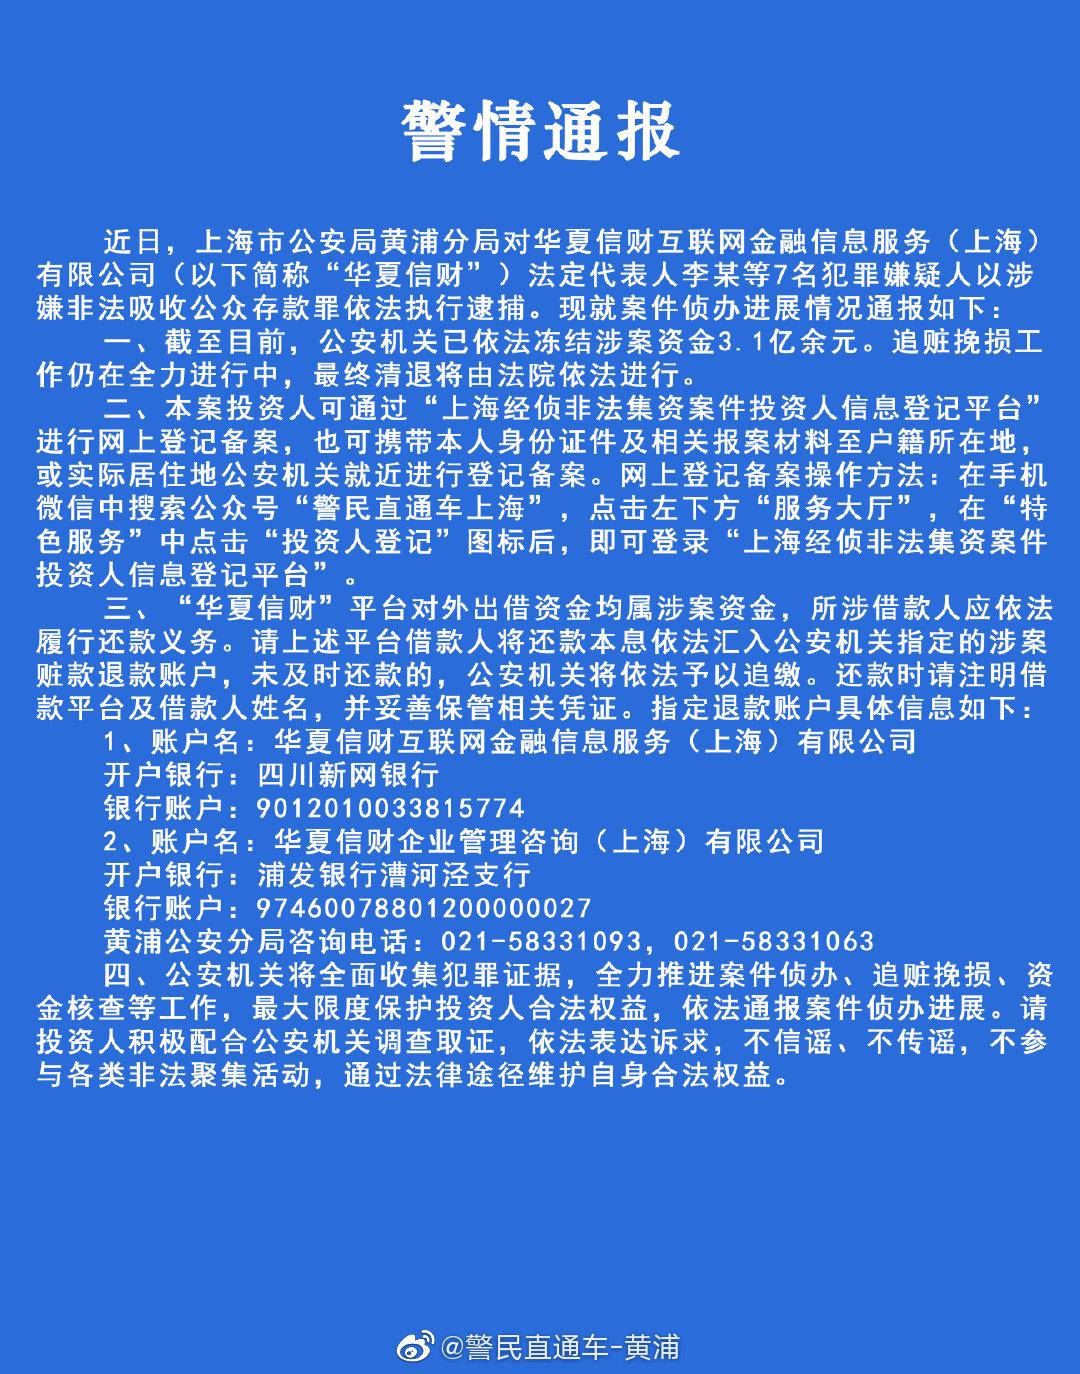 华夏信财案新进展:7人被捕 3.1亿元涉案资金被冻结